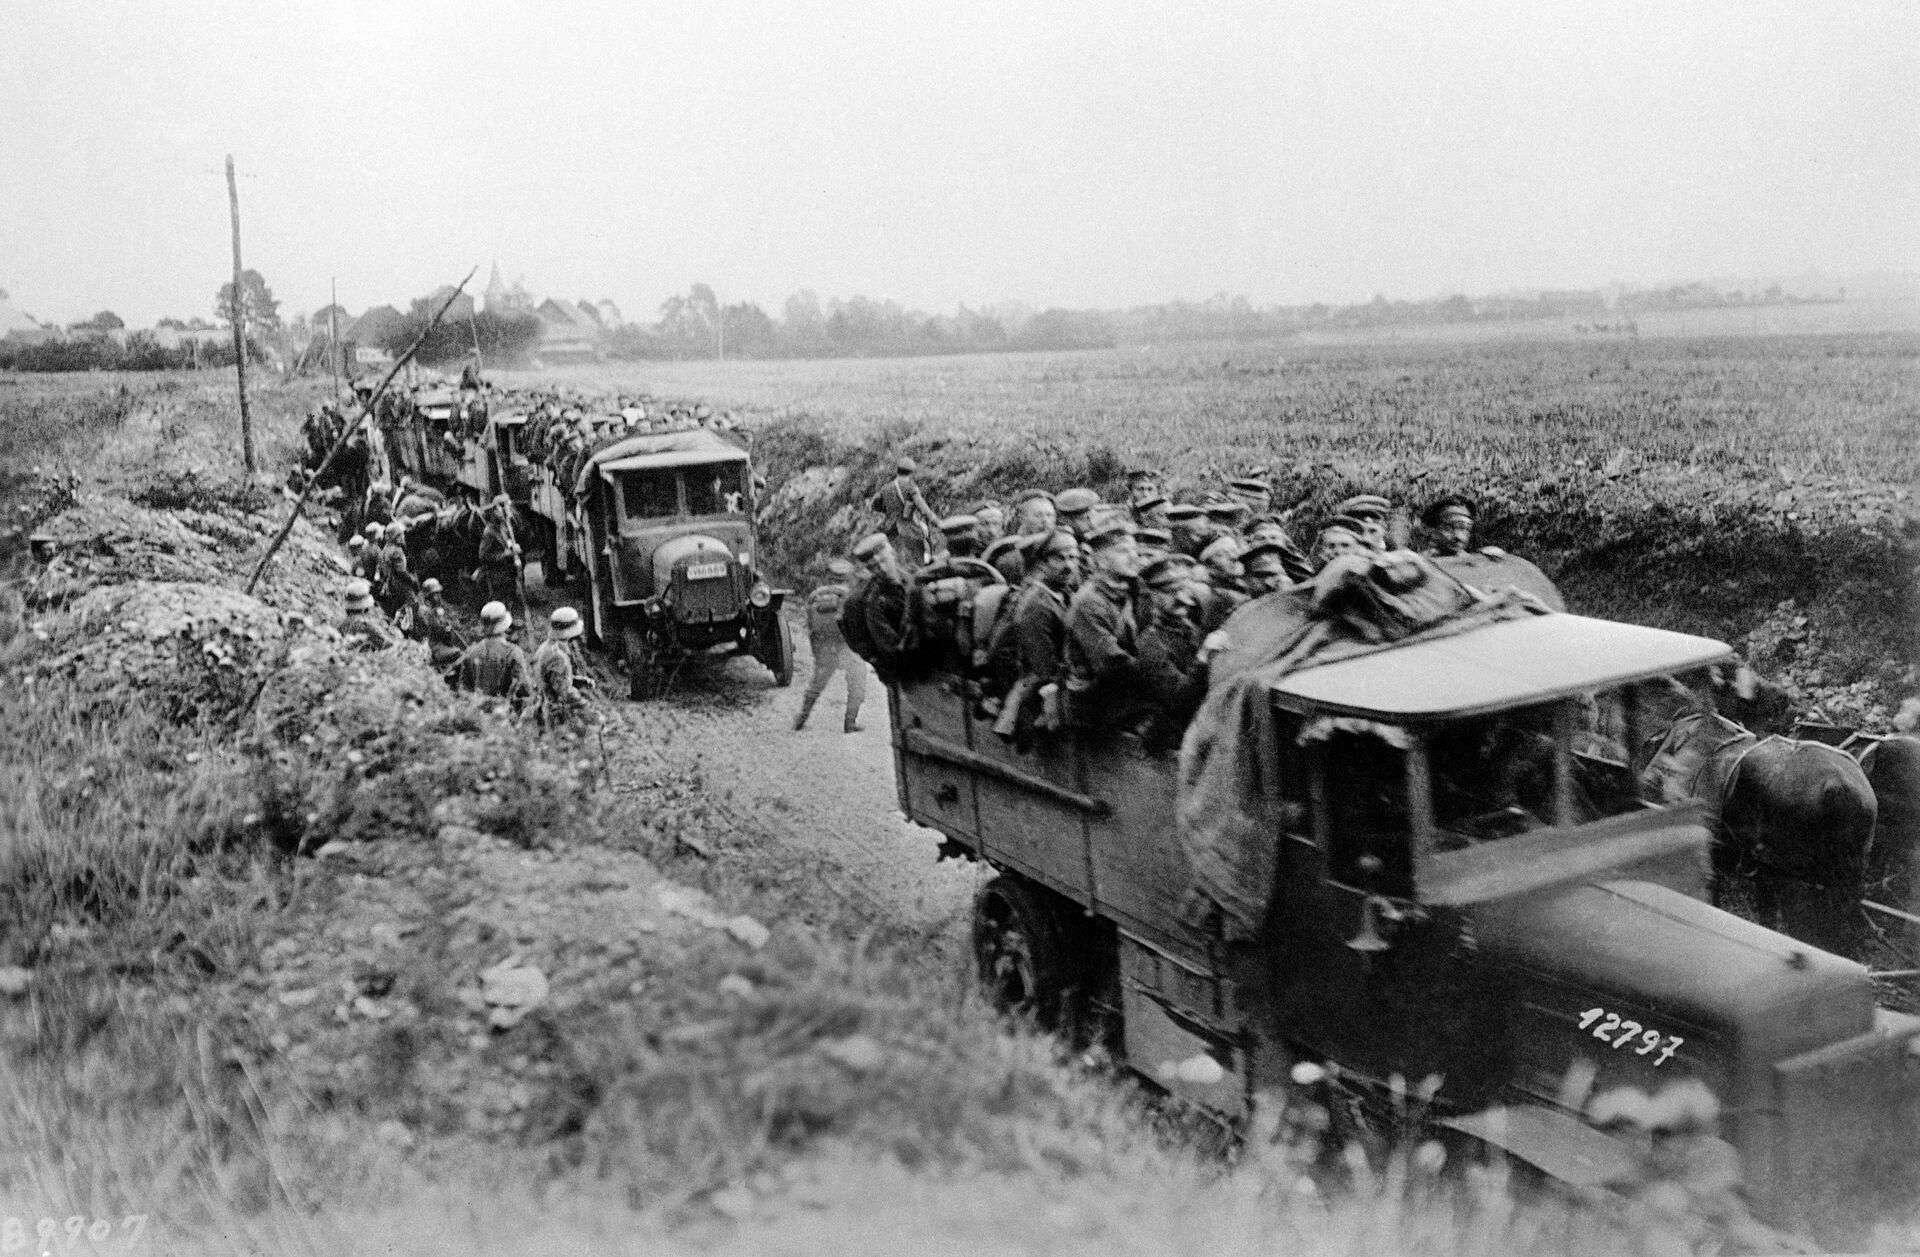 Немецкие резервисты отправляются на фронт - РИА Новости, 1920, 01.11.2020